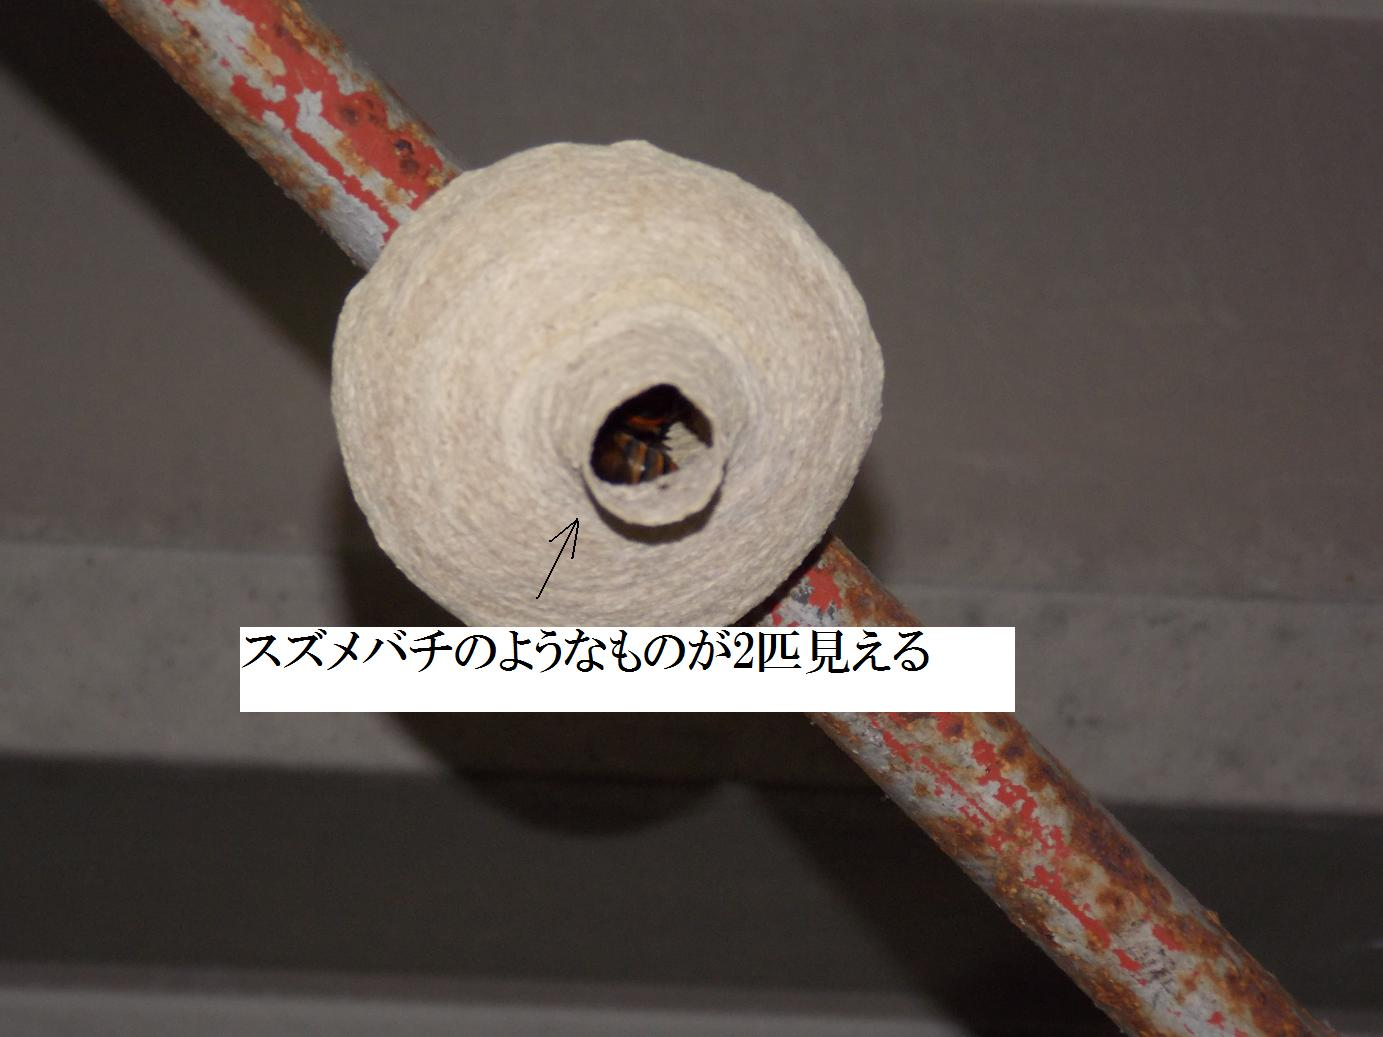 b0193252_22253830.jpg